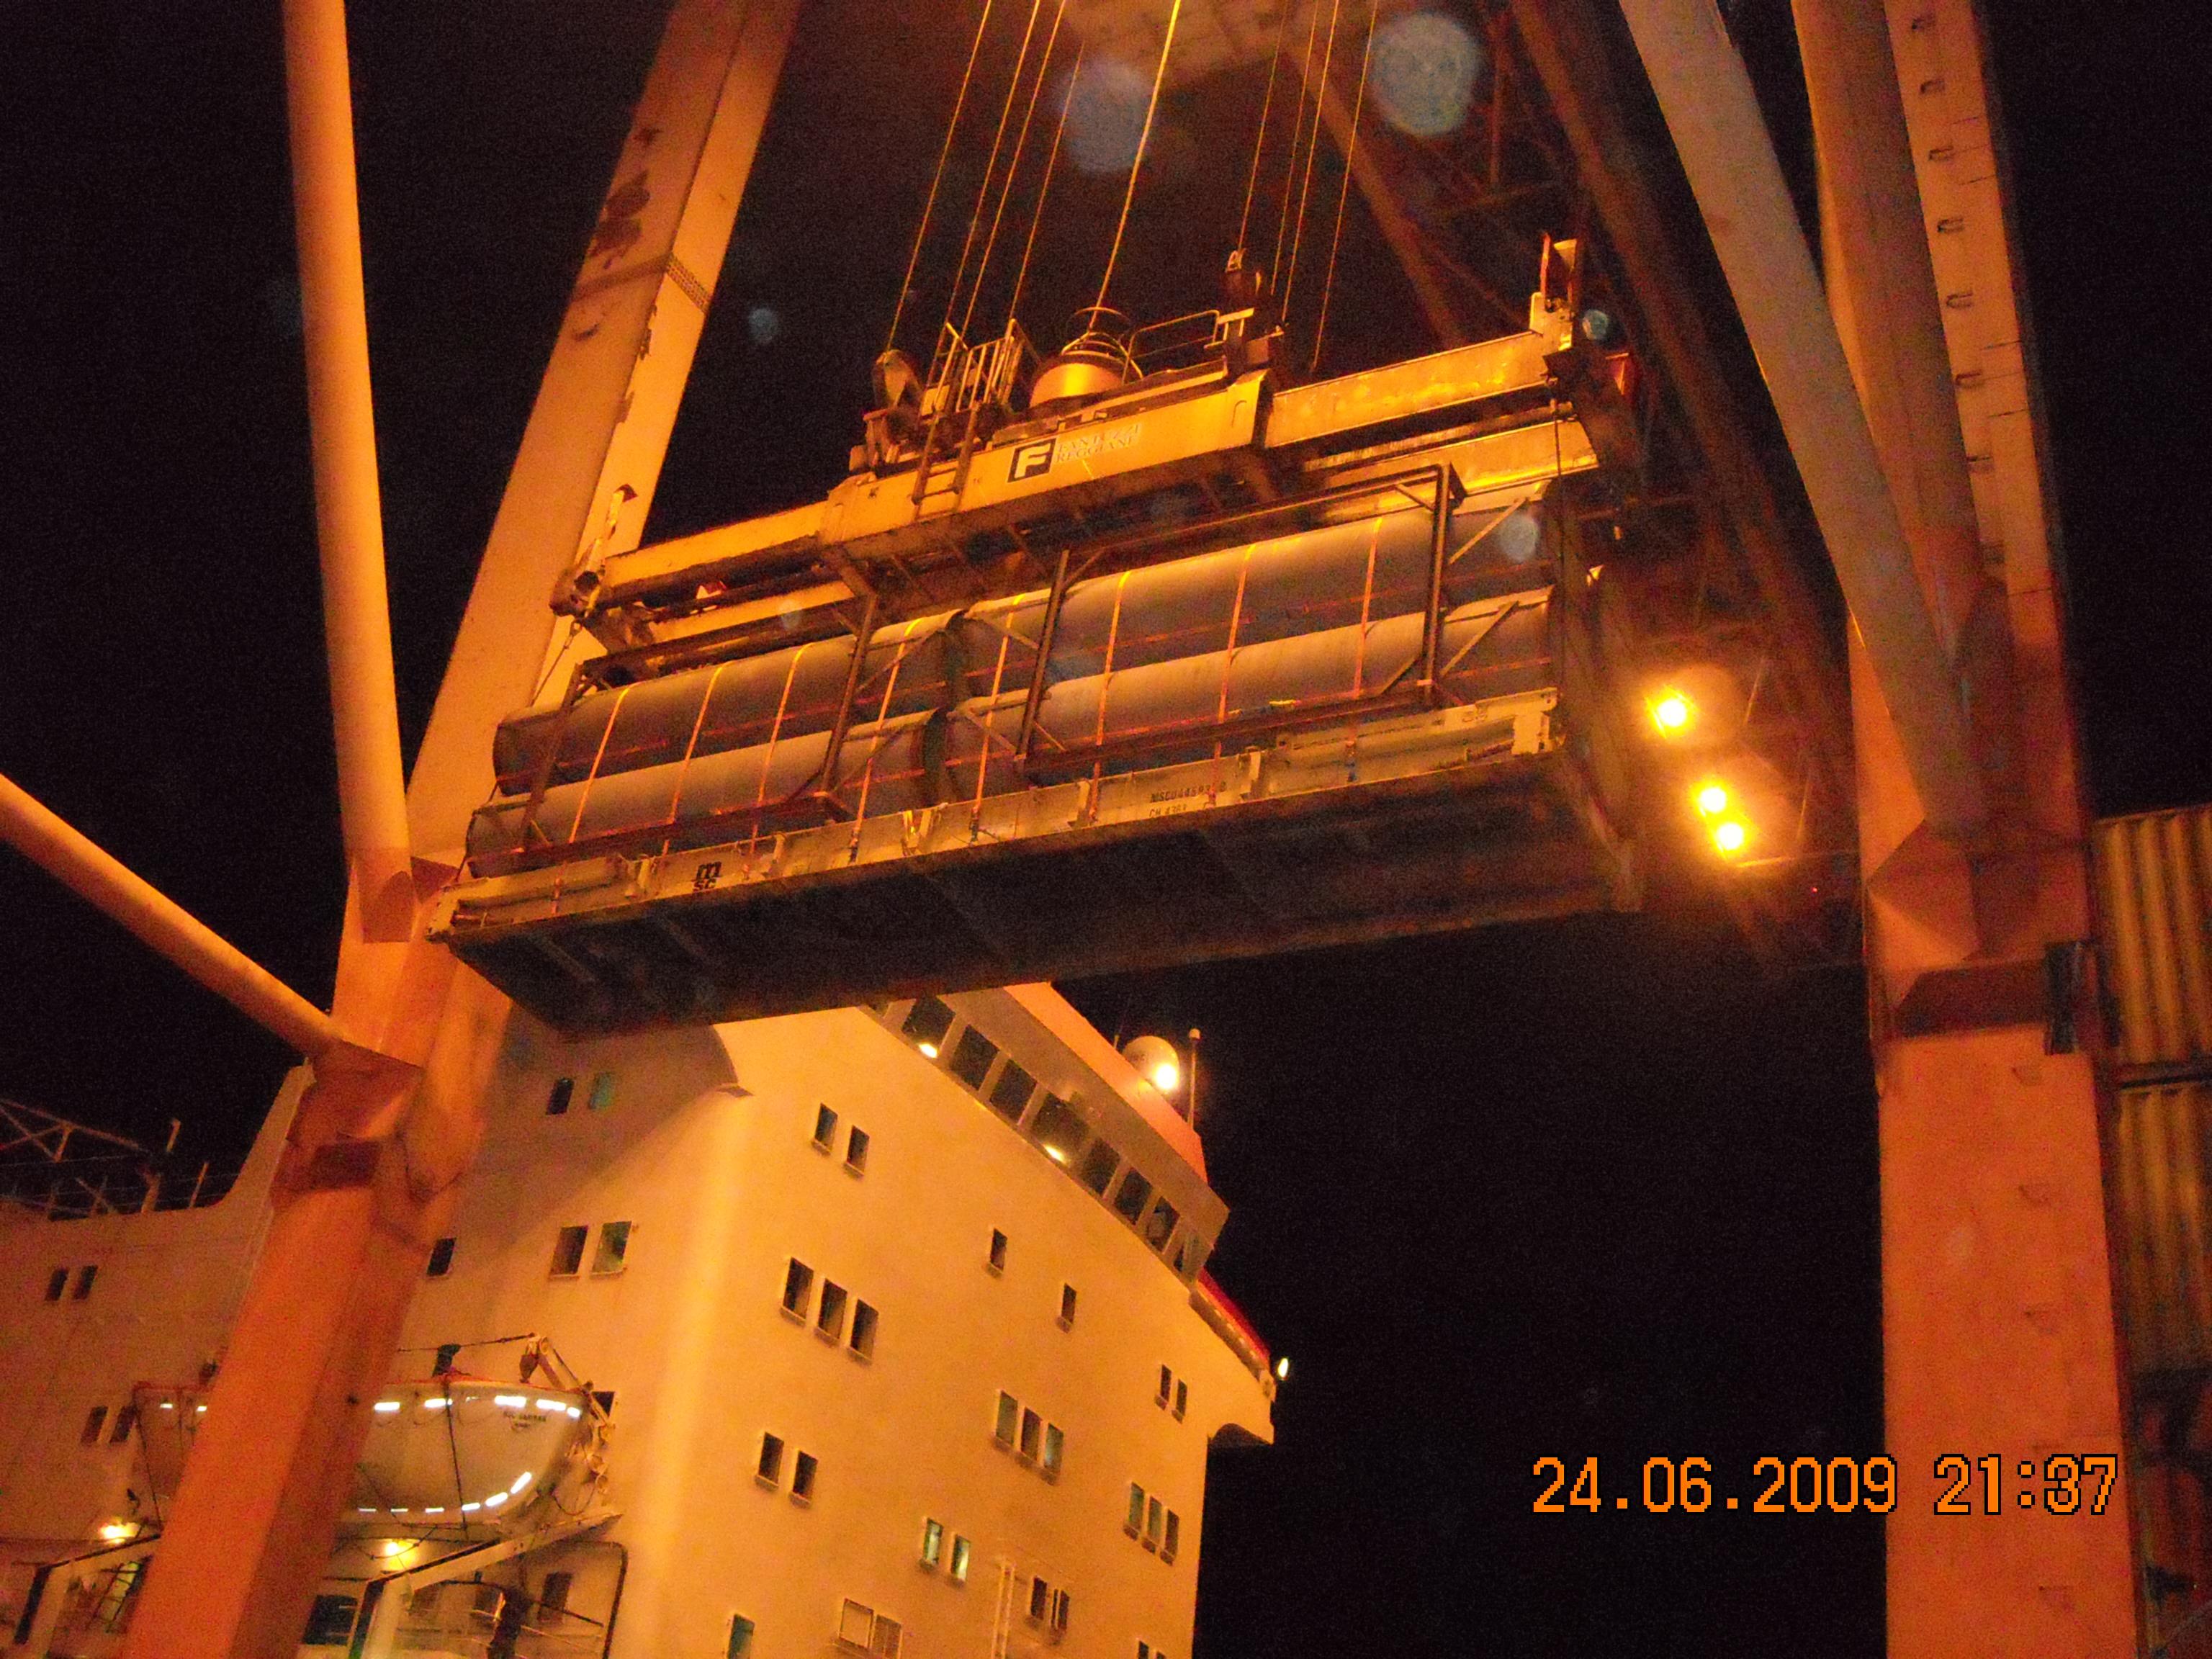 Le operazioni di imbarco al Terminal Container del Porto di Ravenna